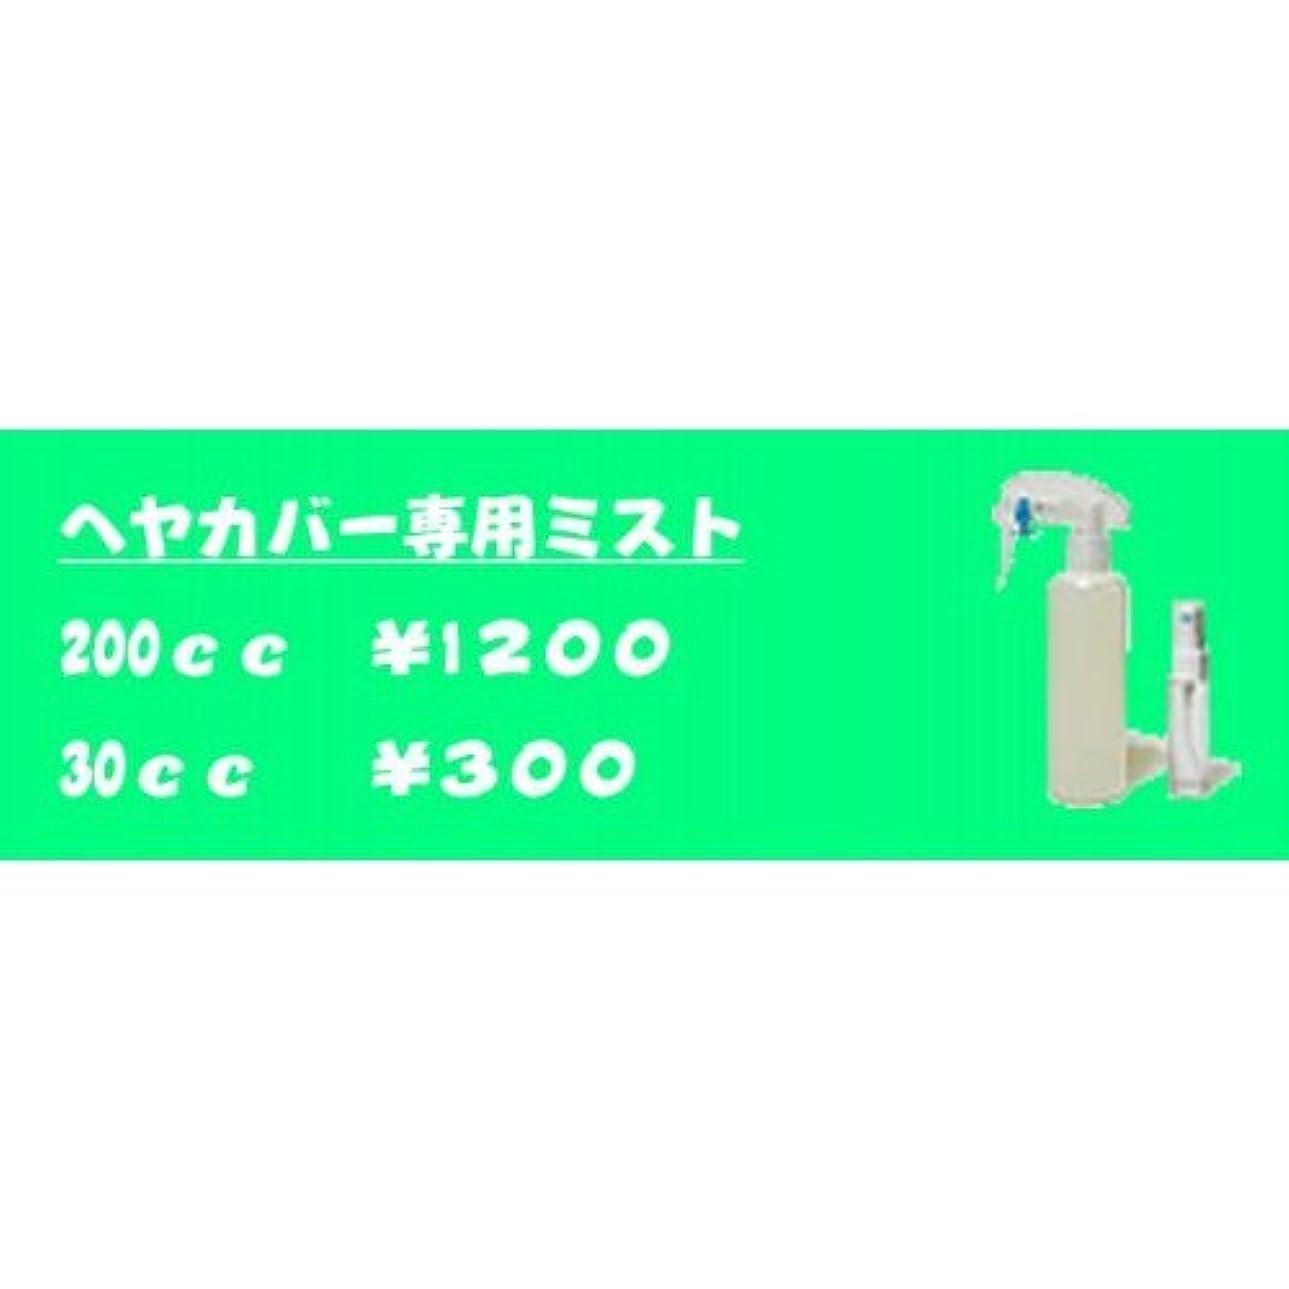 スープ松銀河男女兼用?増毛ヘアカバー専用ミスト(200cc)